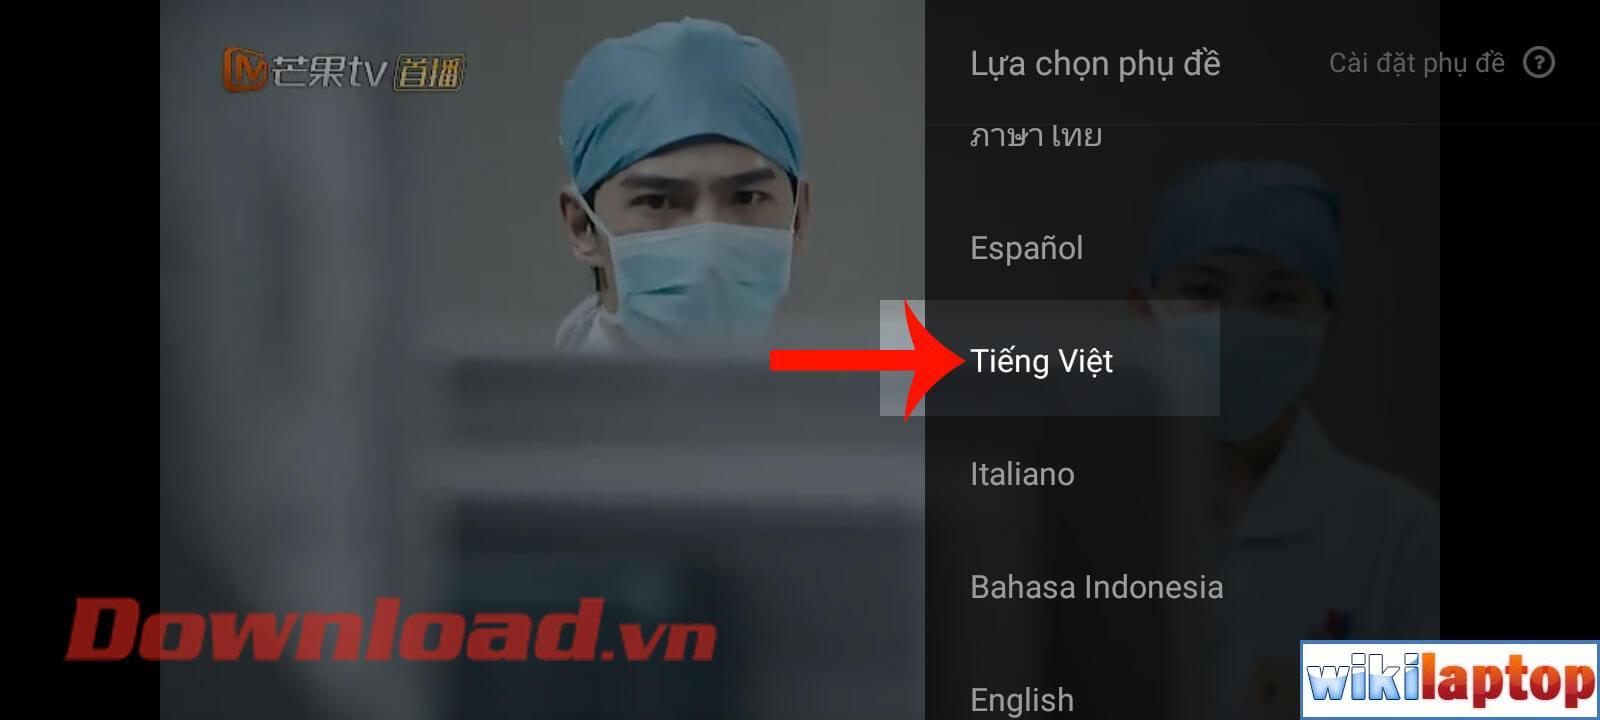 Chọn ngôn ngữ Tiếng Việt